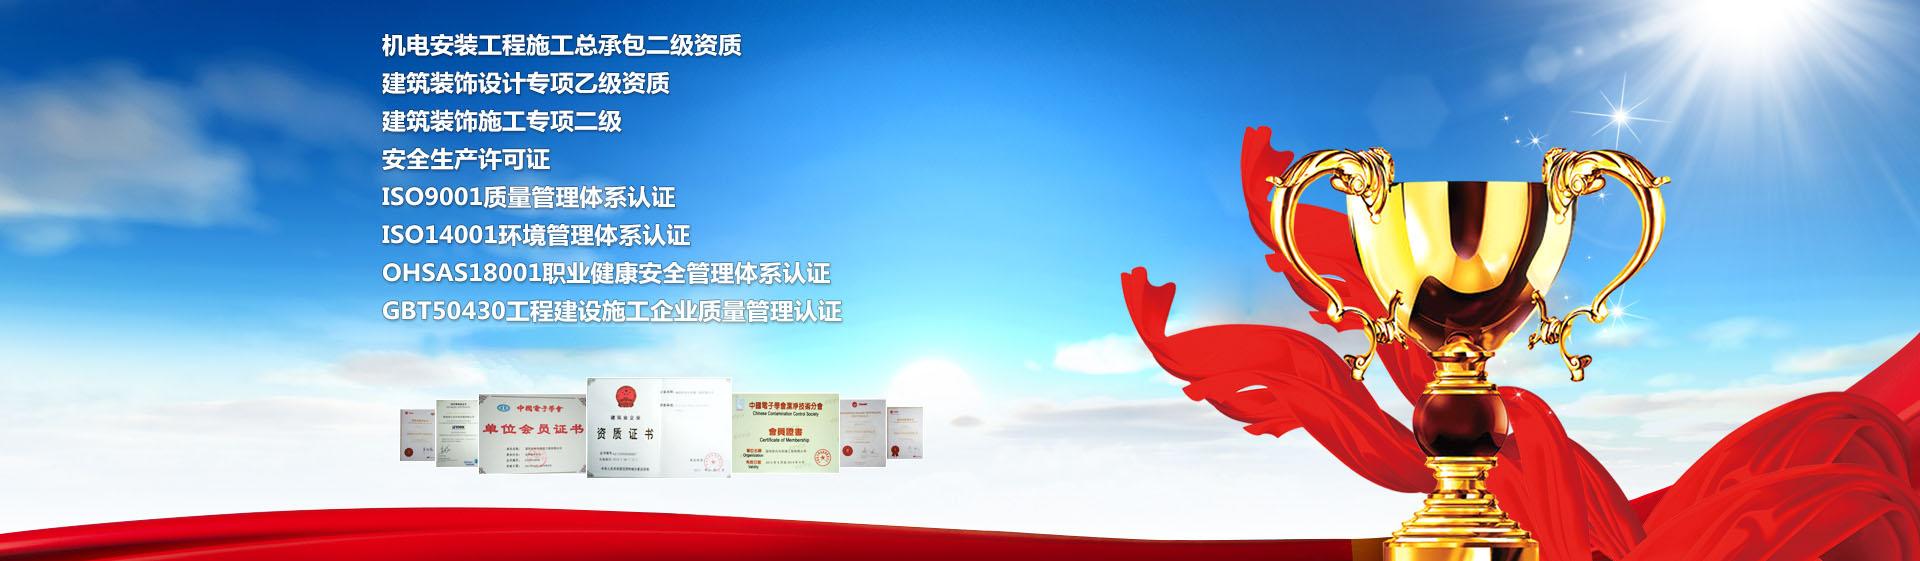 深圳市兴元环境工程有限公司